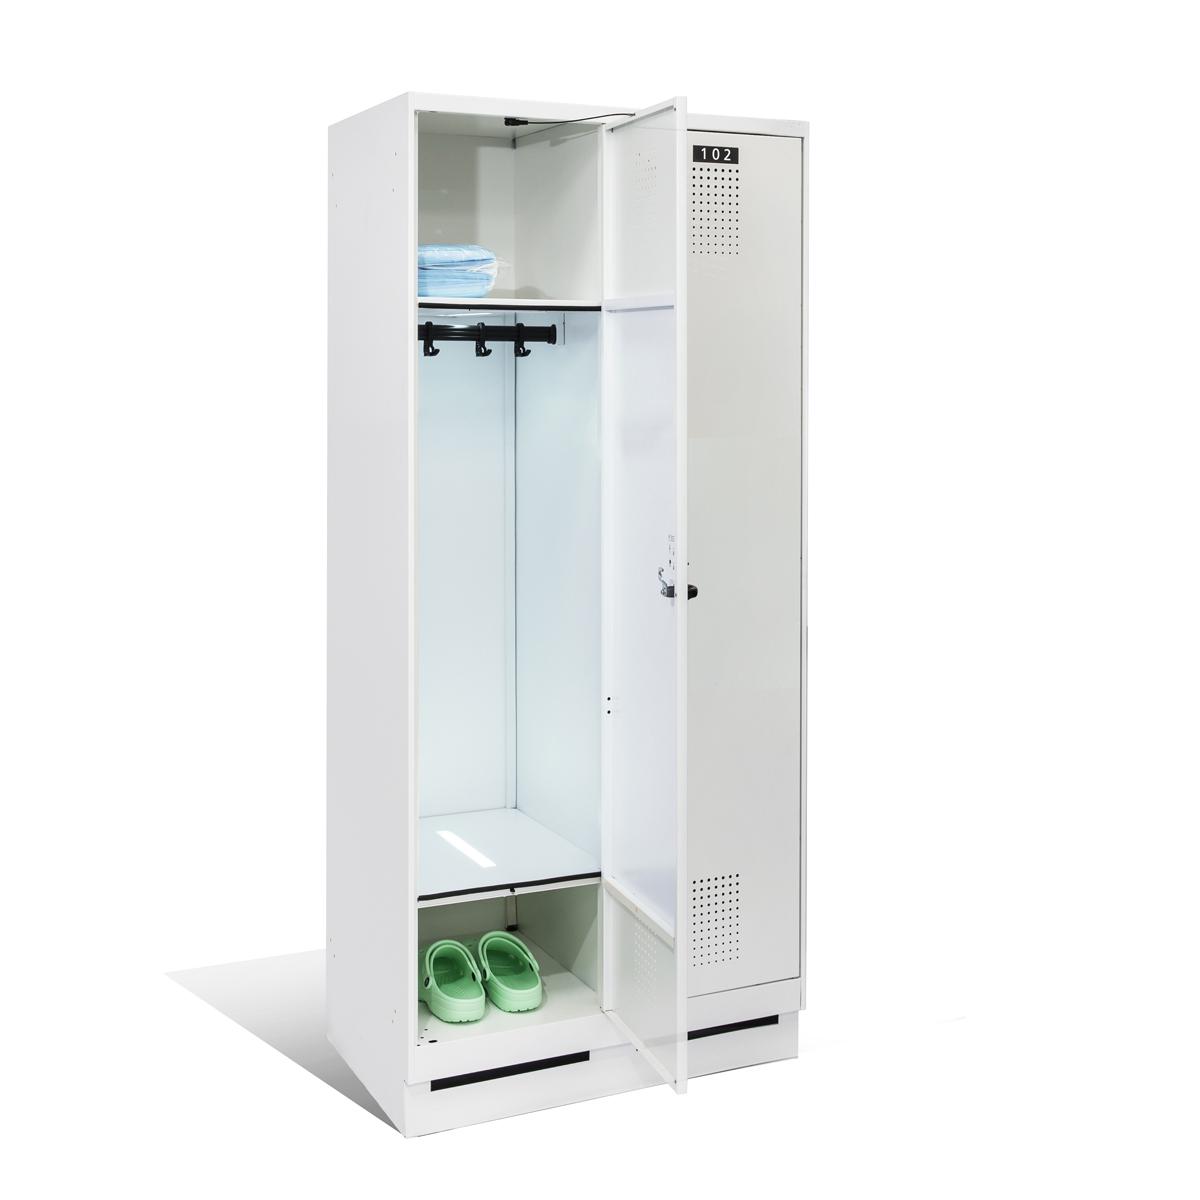 Garderobenschrank mit integrierter UV-C Entkeimung, ArtNr.: GS_UVC_400